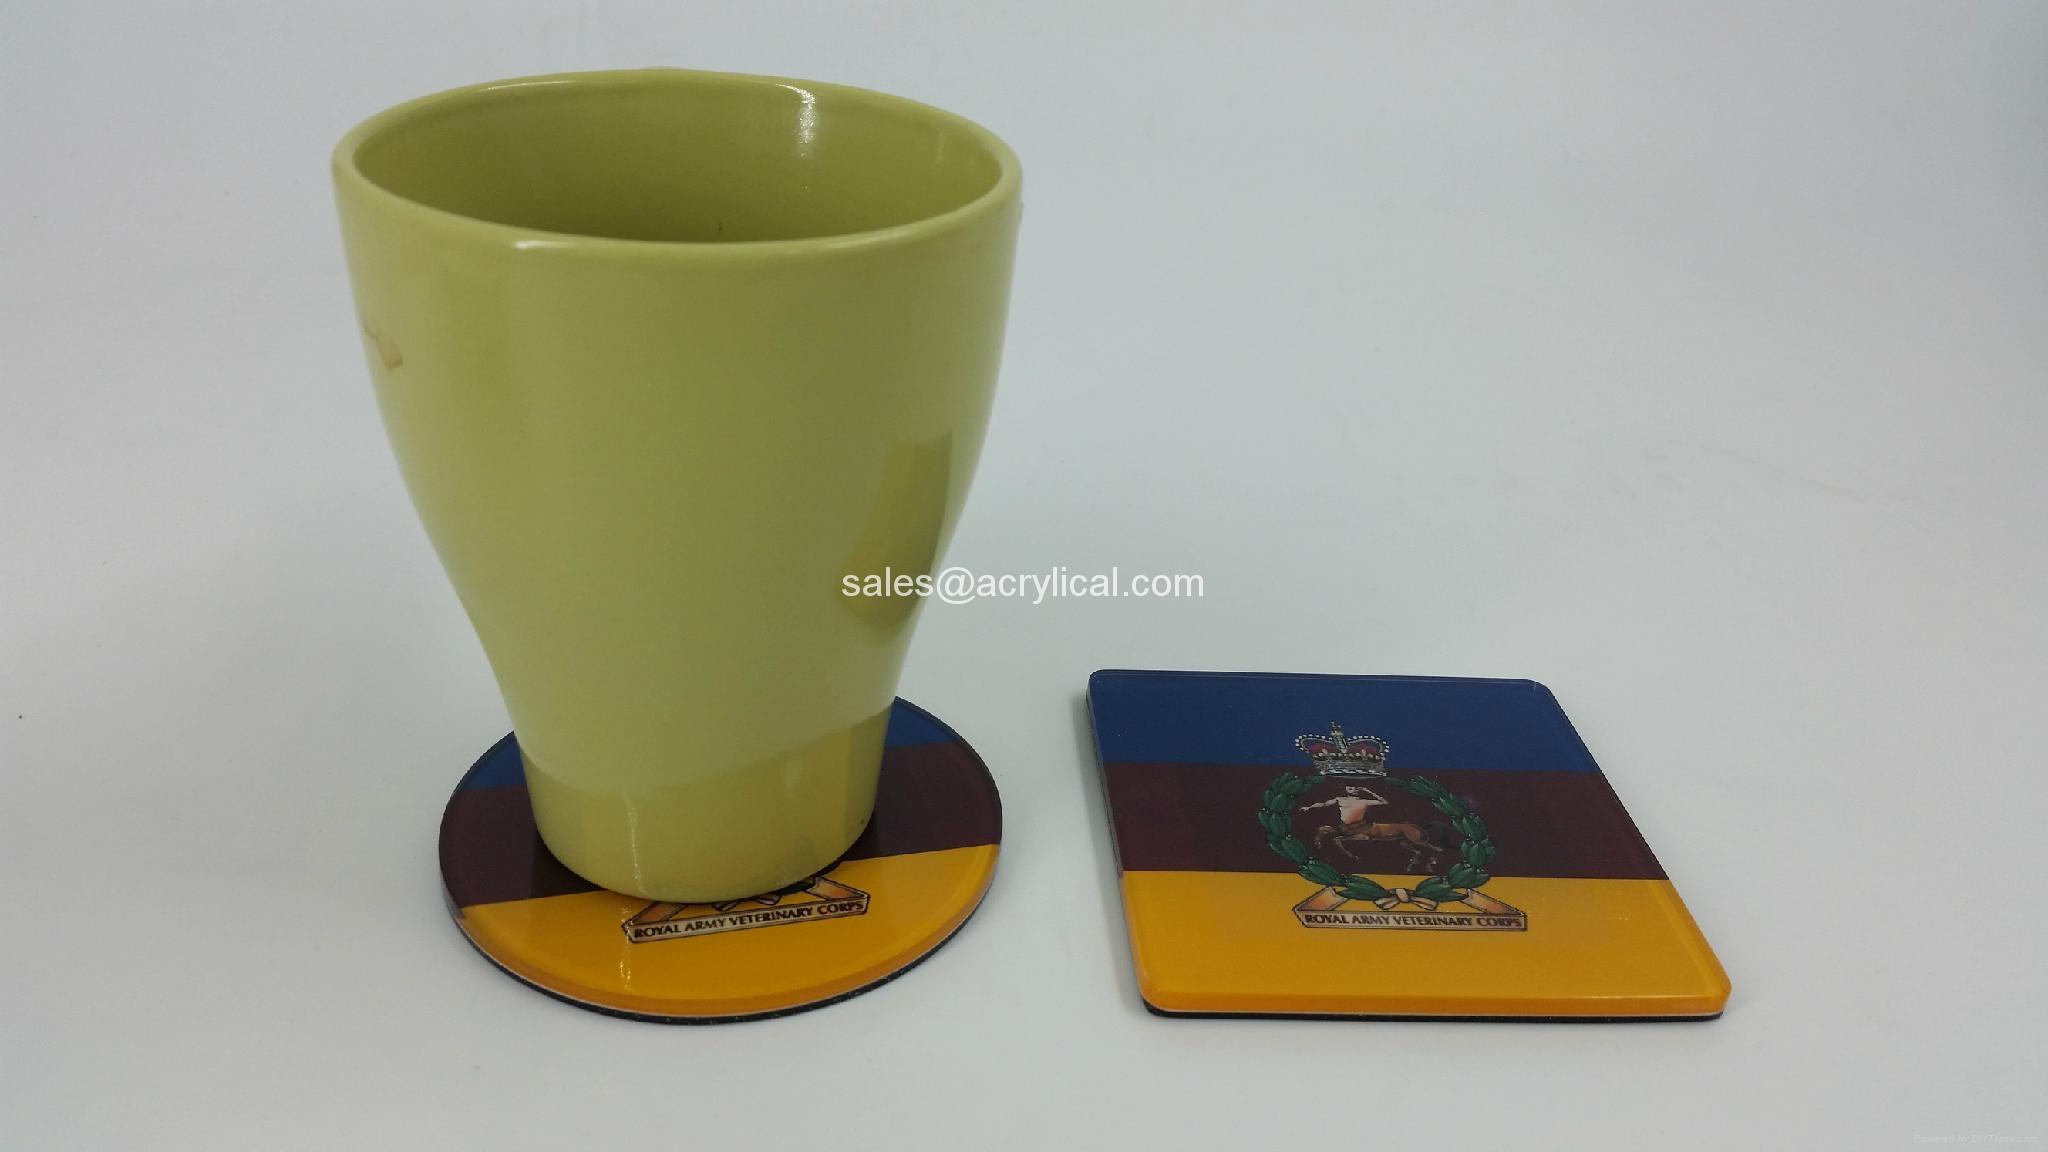 英国  杯垫-是英国  部队现任的完美礼物。军事杯垫,军队,退伍军人礼物